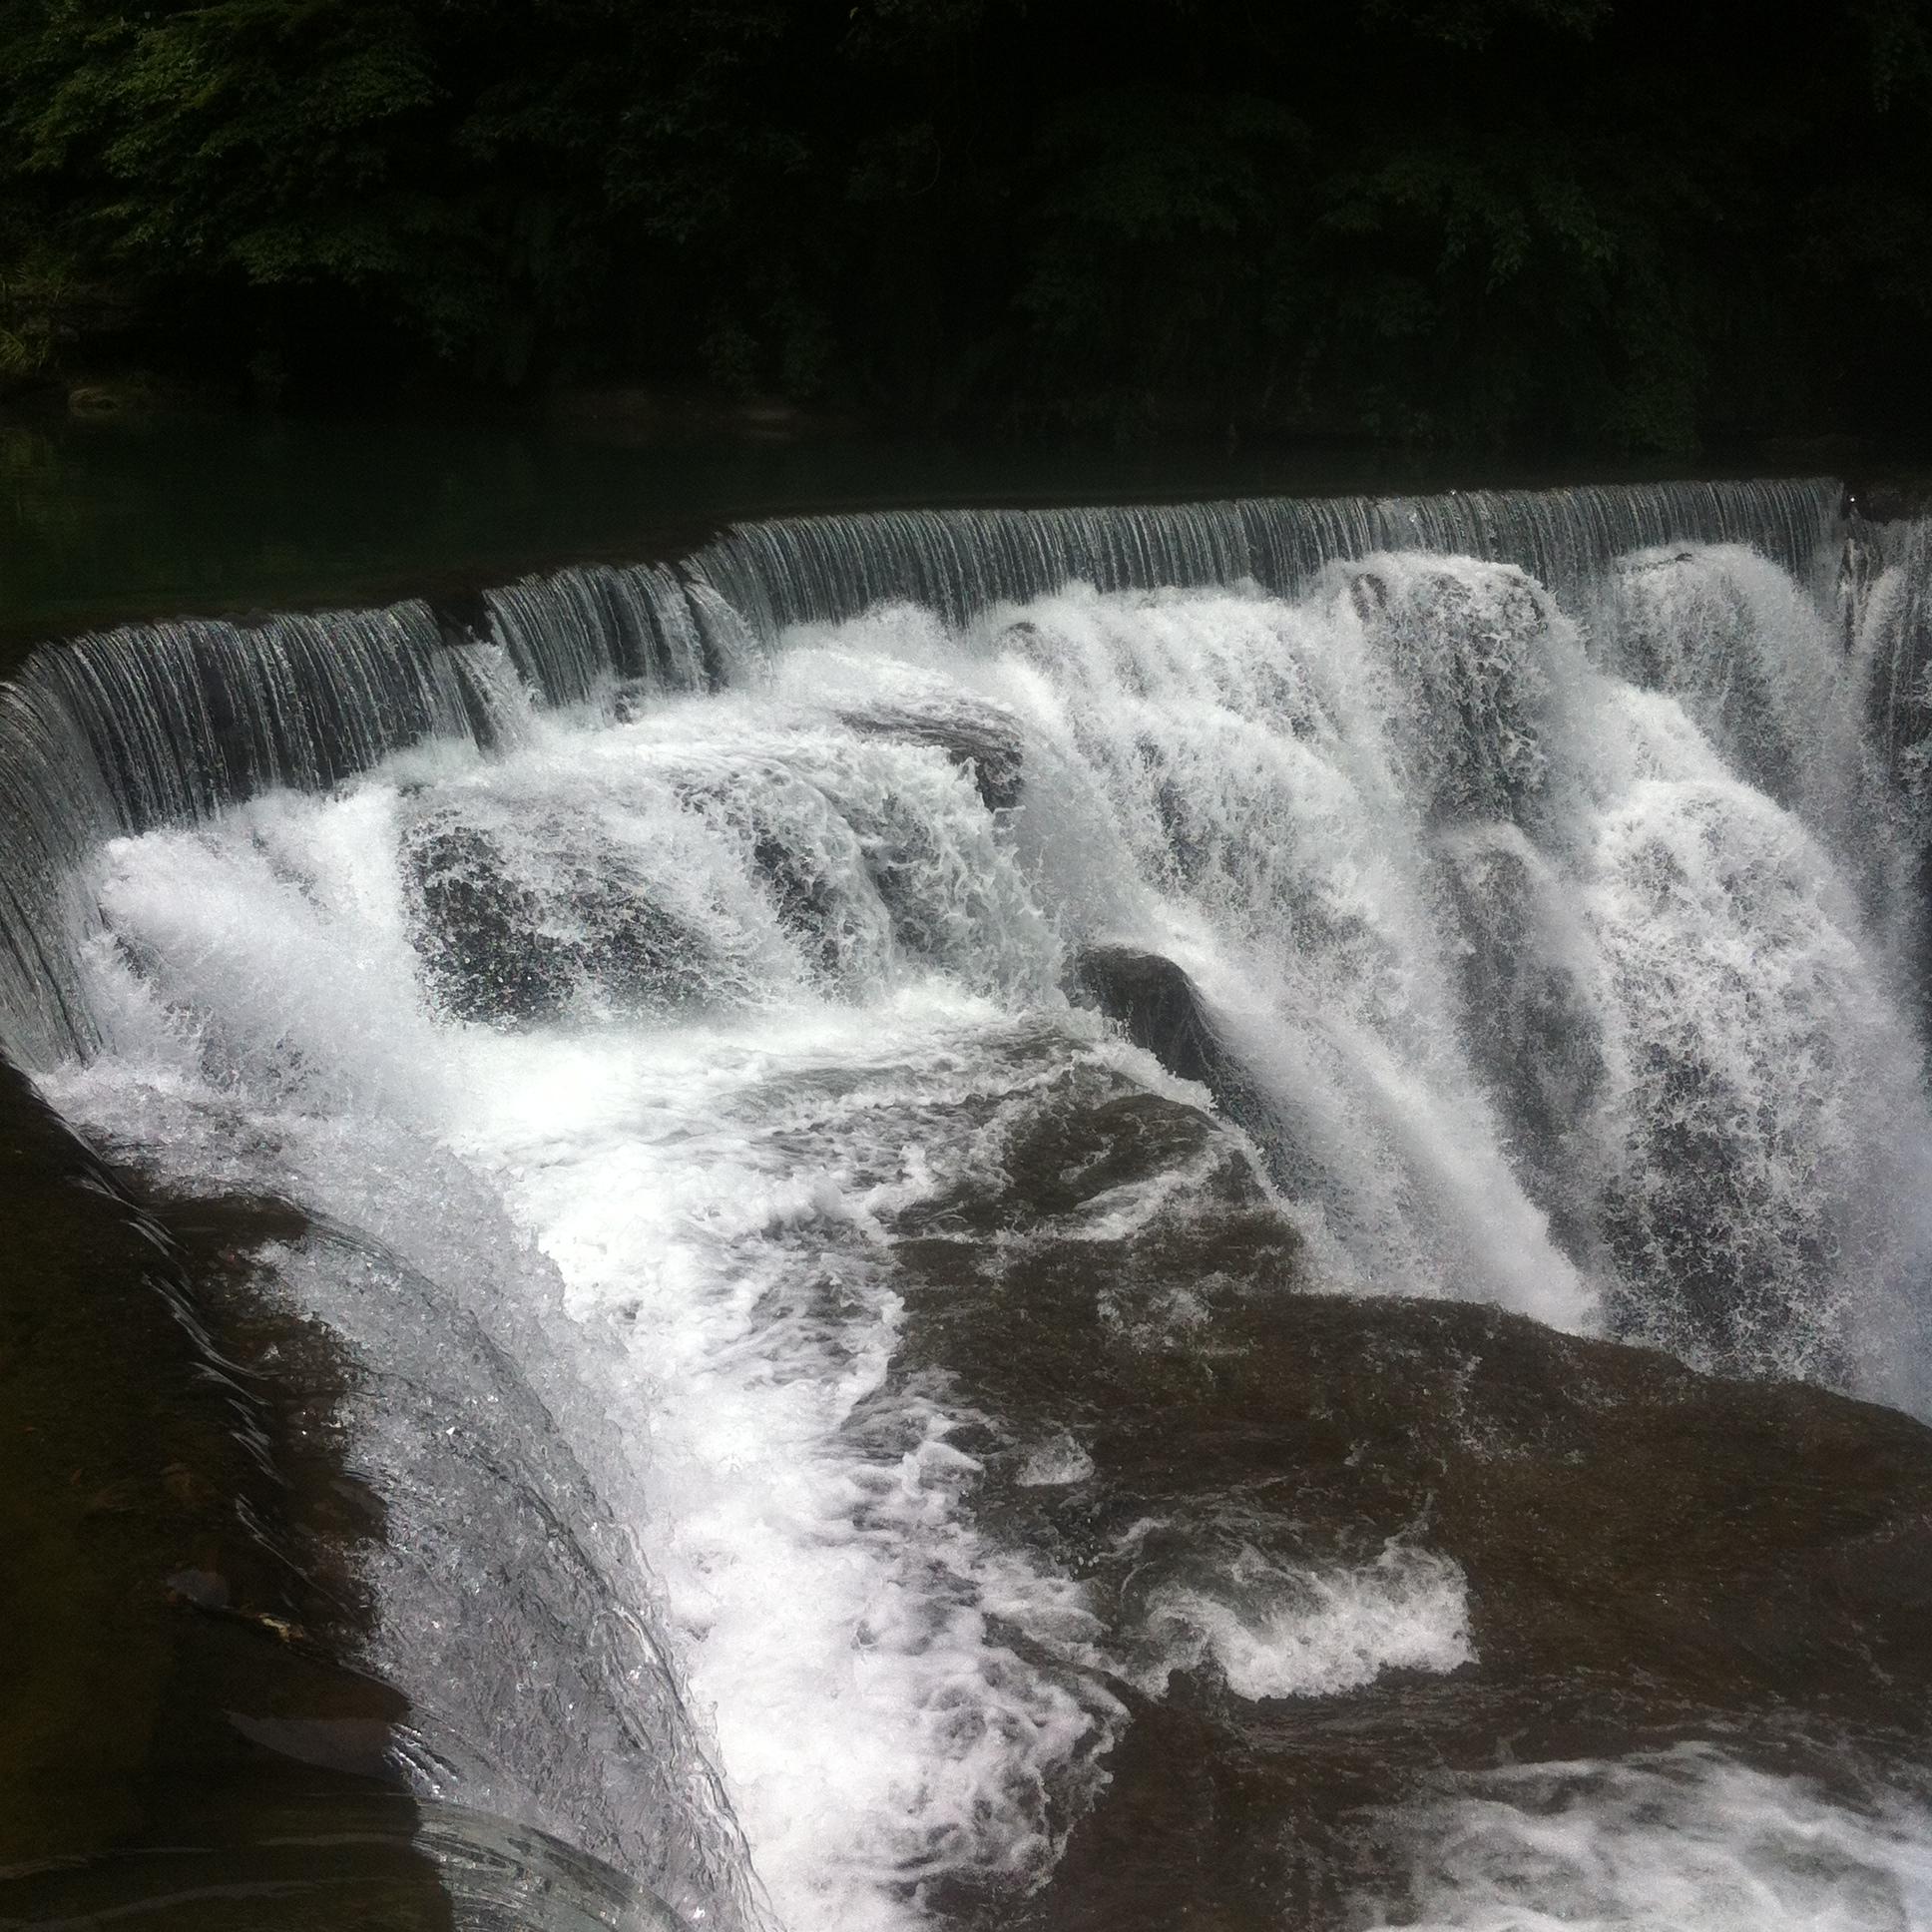 【アクセス】台湾のナイアガラこと十分瀑布への行きかた